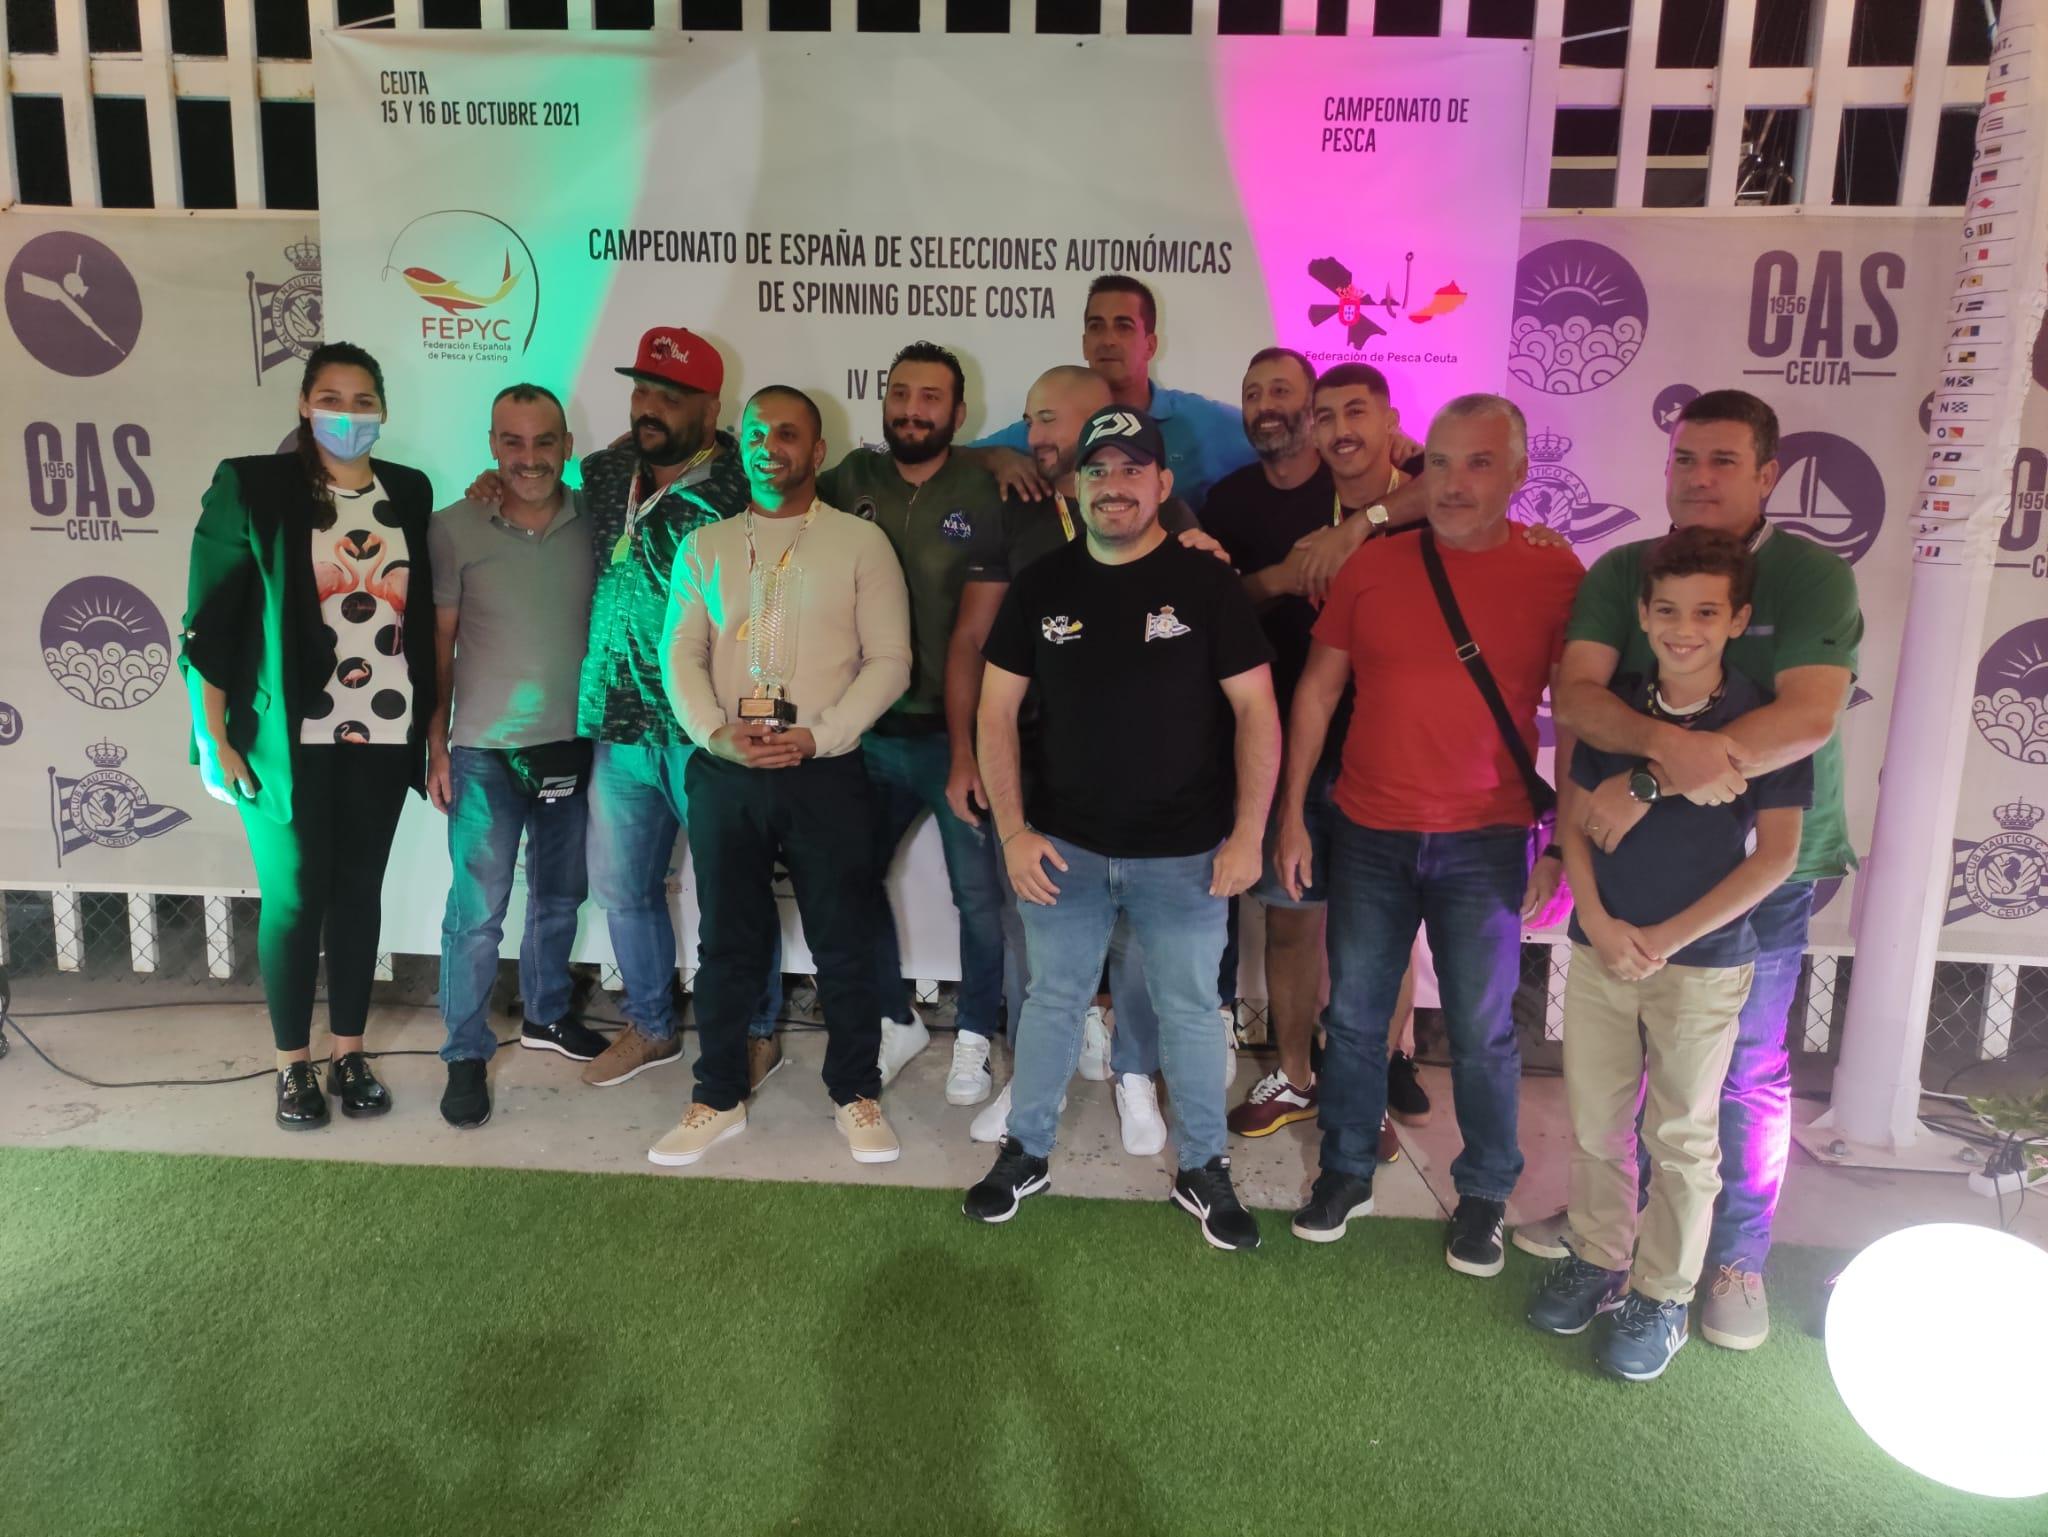 Ceuta triunfa en el IV Campeonato de Pesca Spinning desde Costa